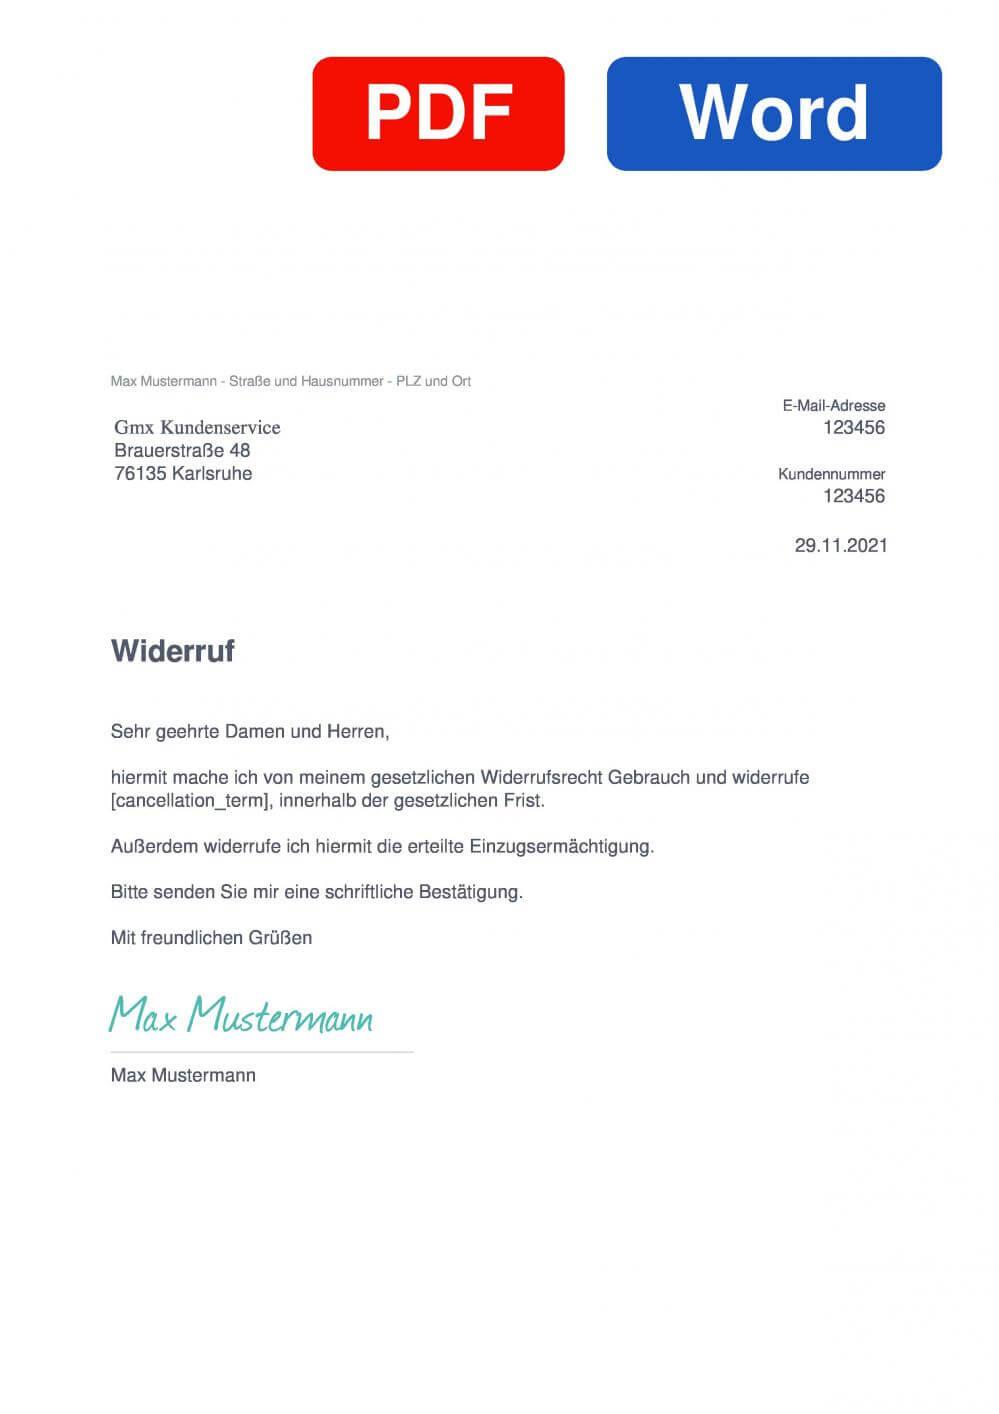 GMX TopMail Muster Vorlage für Wiederrufsschreiben